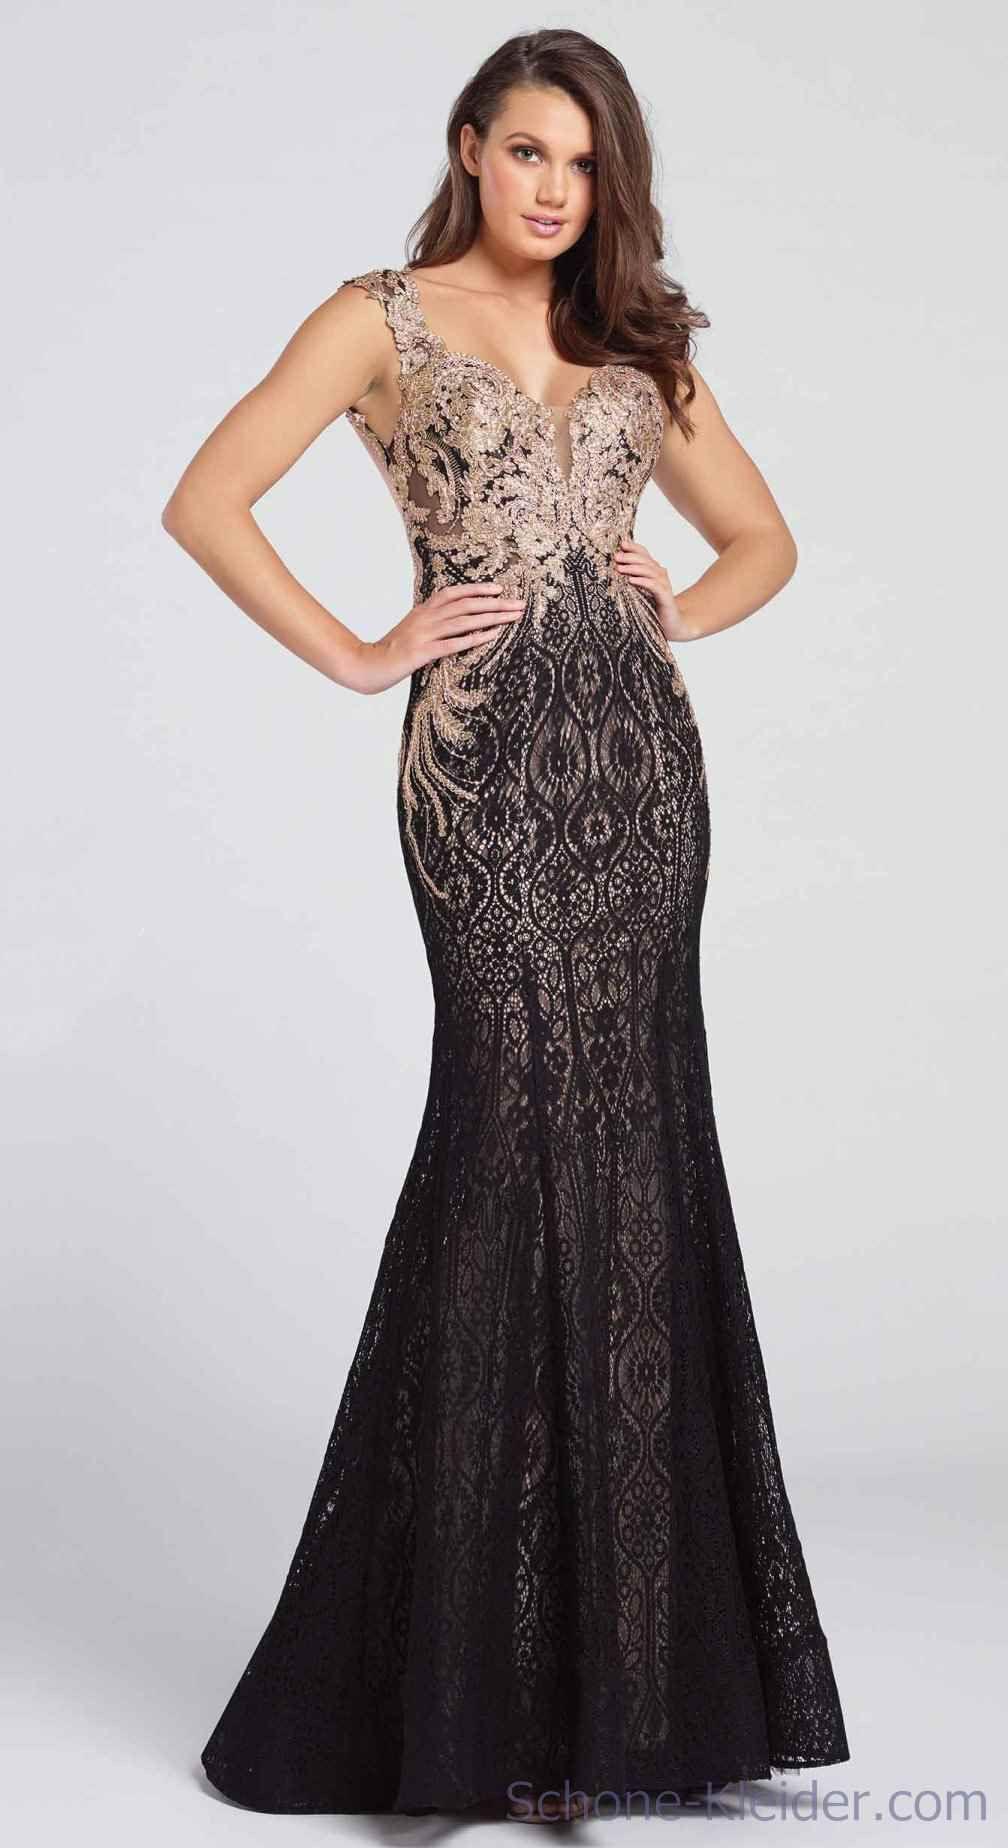 20 Ausgezeichnet Trend Abendkleider Bester Preis13 Genial Trend Abendkleider für 2019